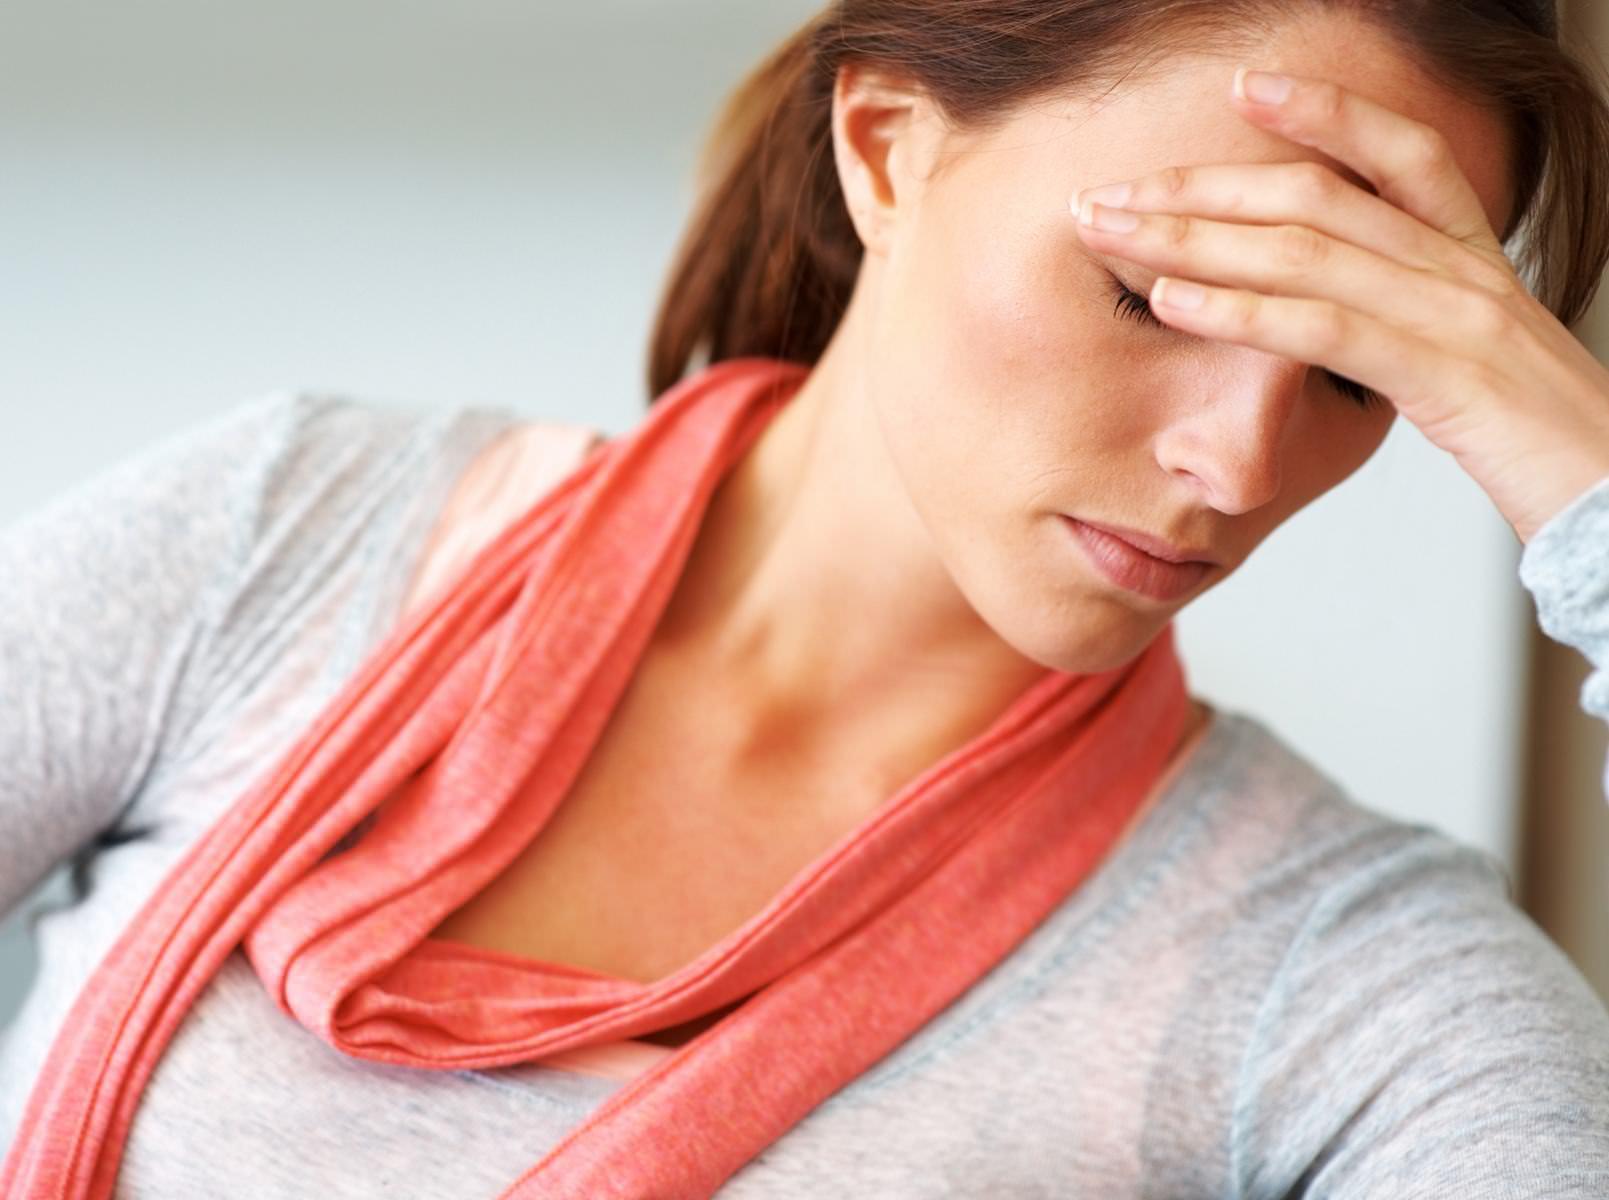 5 физических проявлений депрессии, о которых вы могли не знать